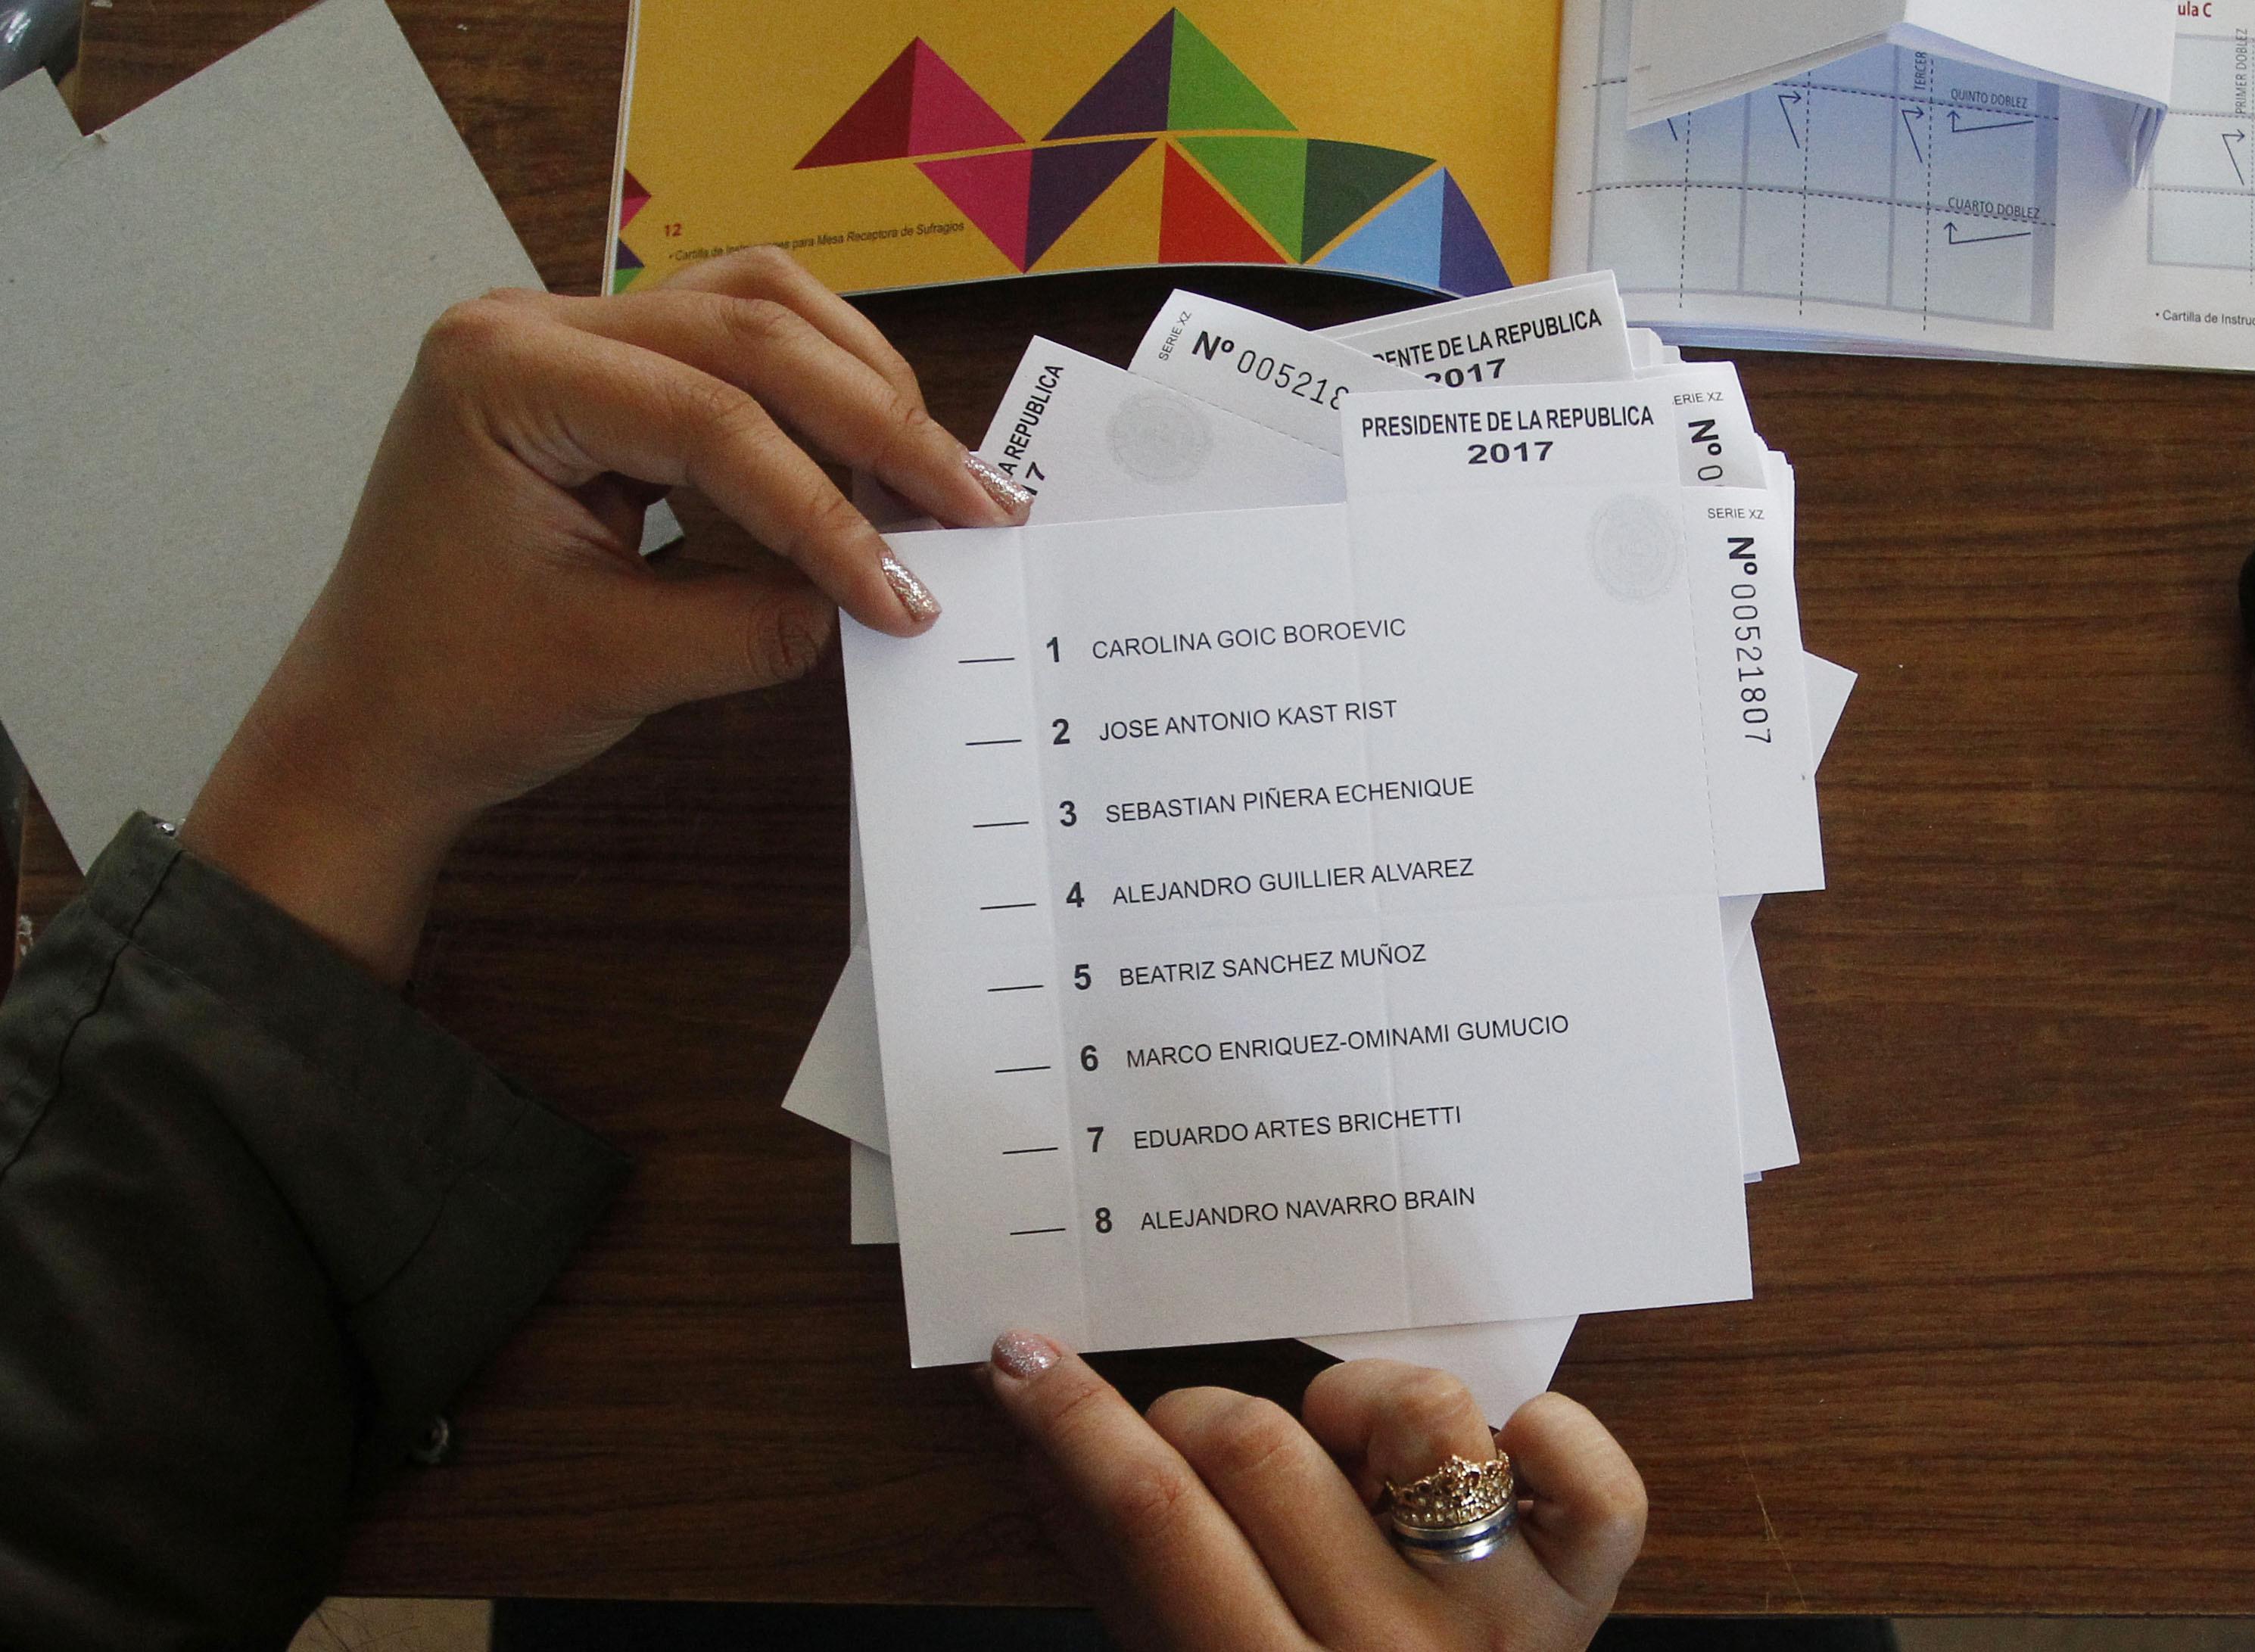 Detienen a mujer que fotografió su voto: la delató el flash de la cámara